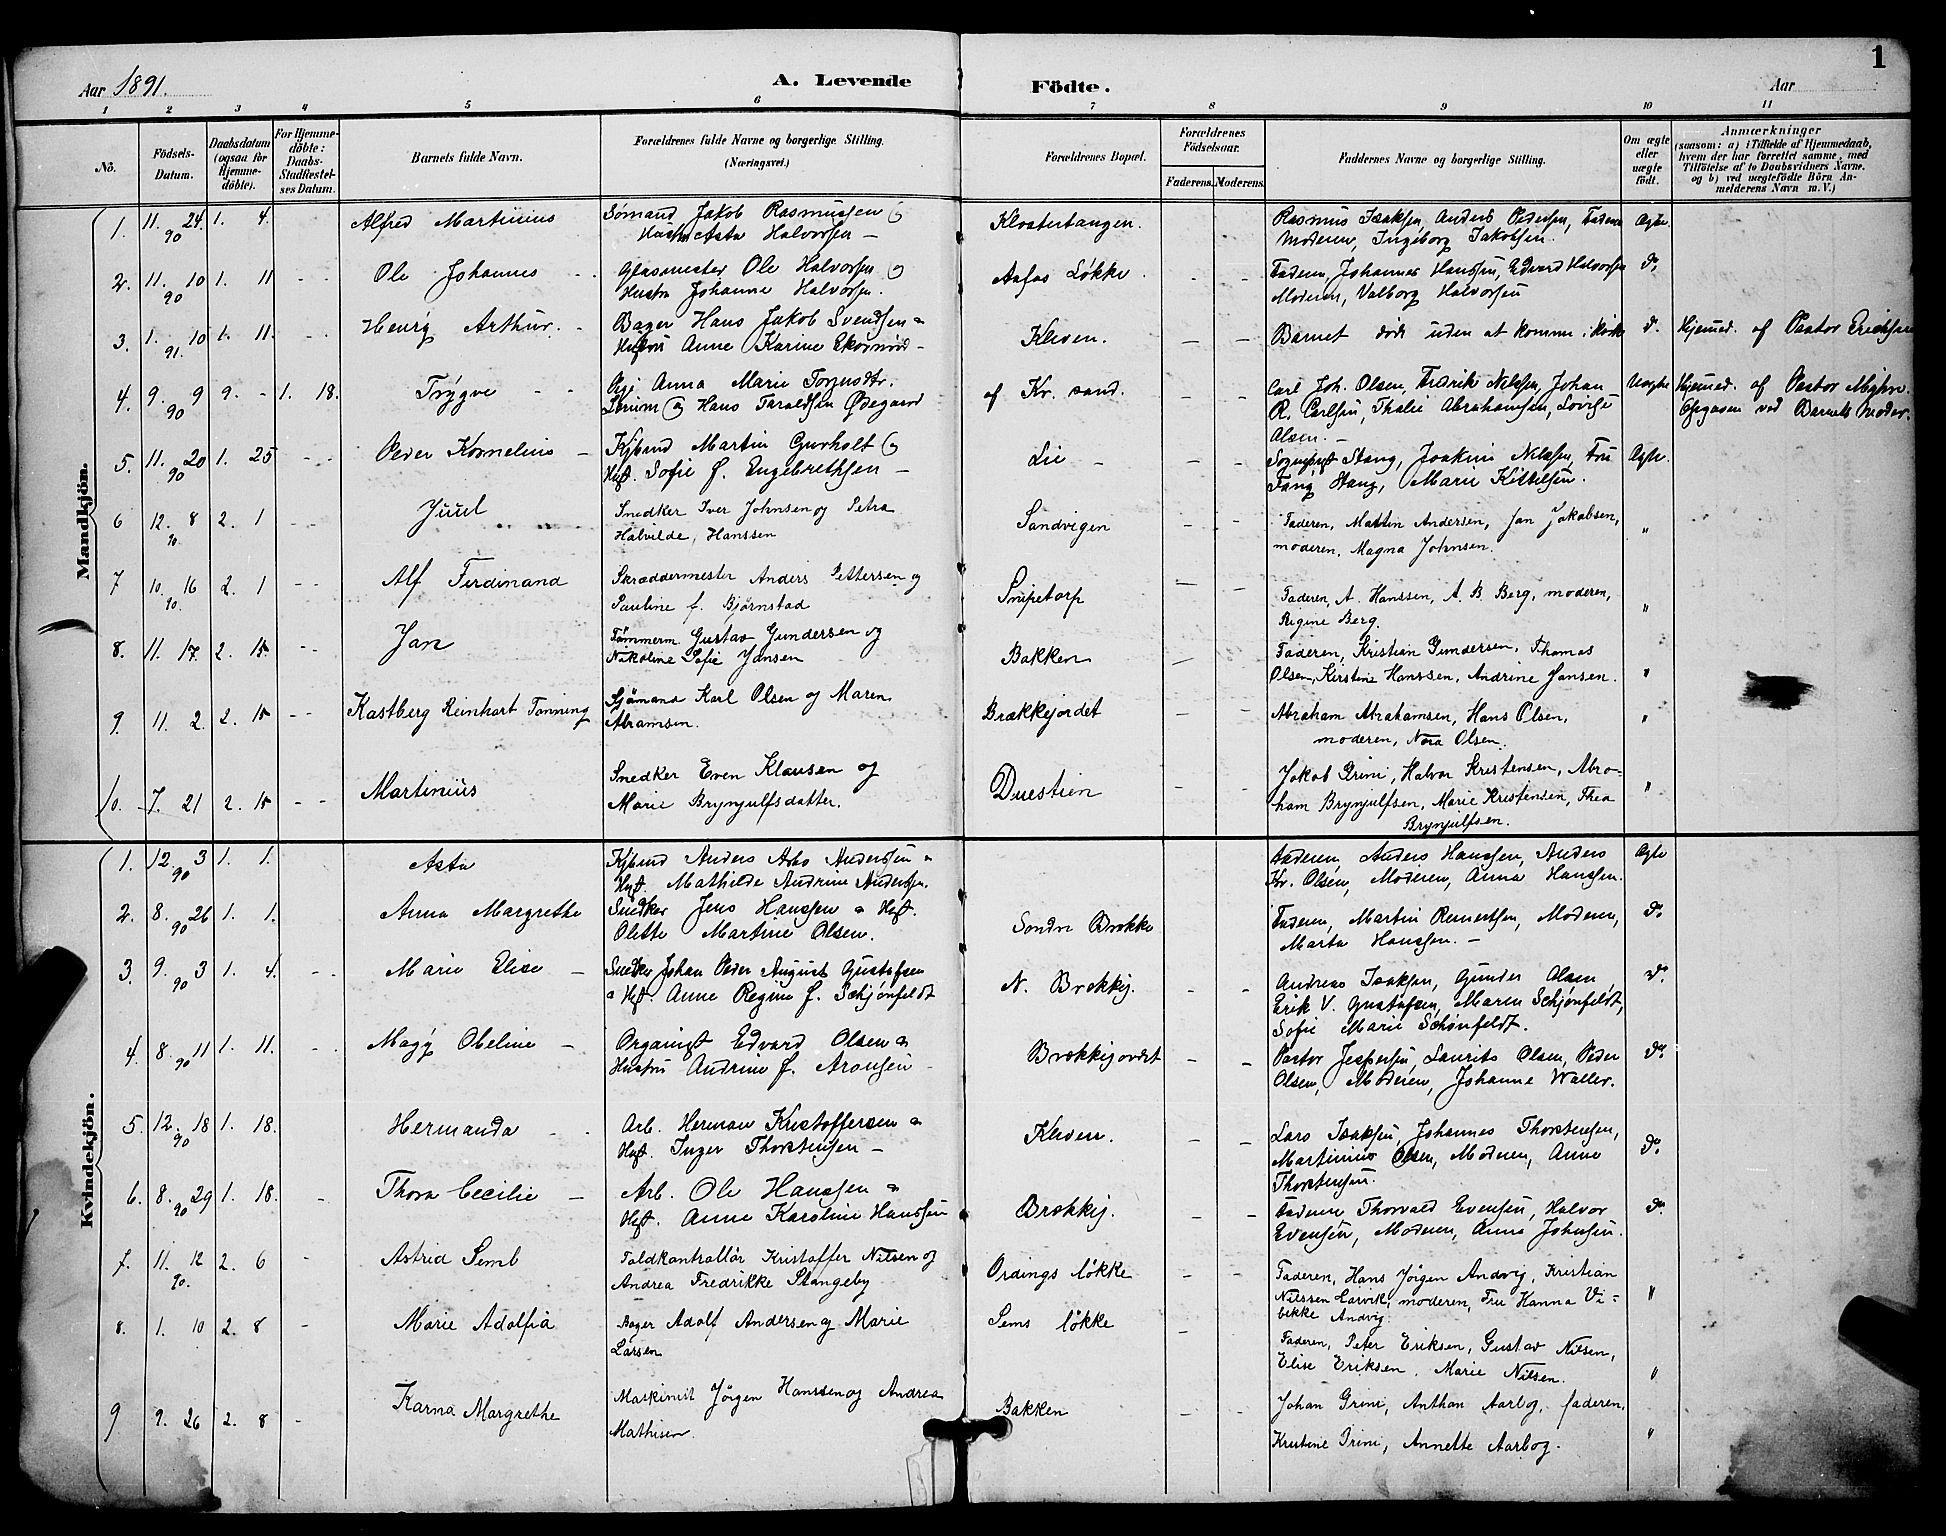 SAKO, Skien kirkebøker, G/Ga/L0007: Klokkerbok nr. 7, 1891-1900, s. 1